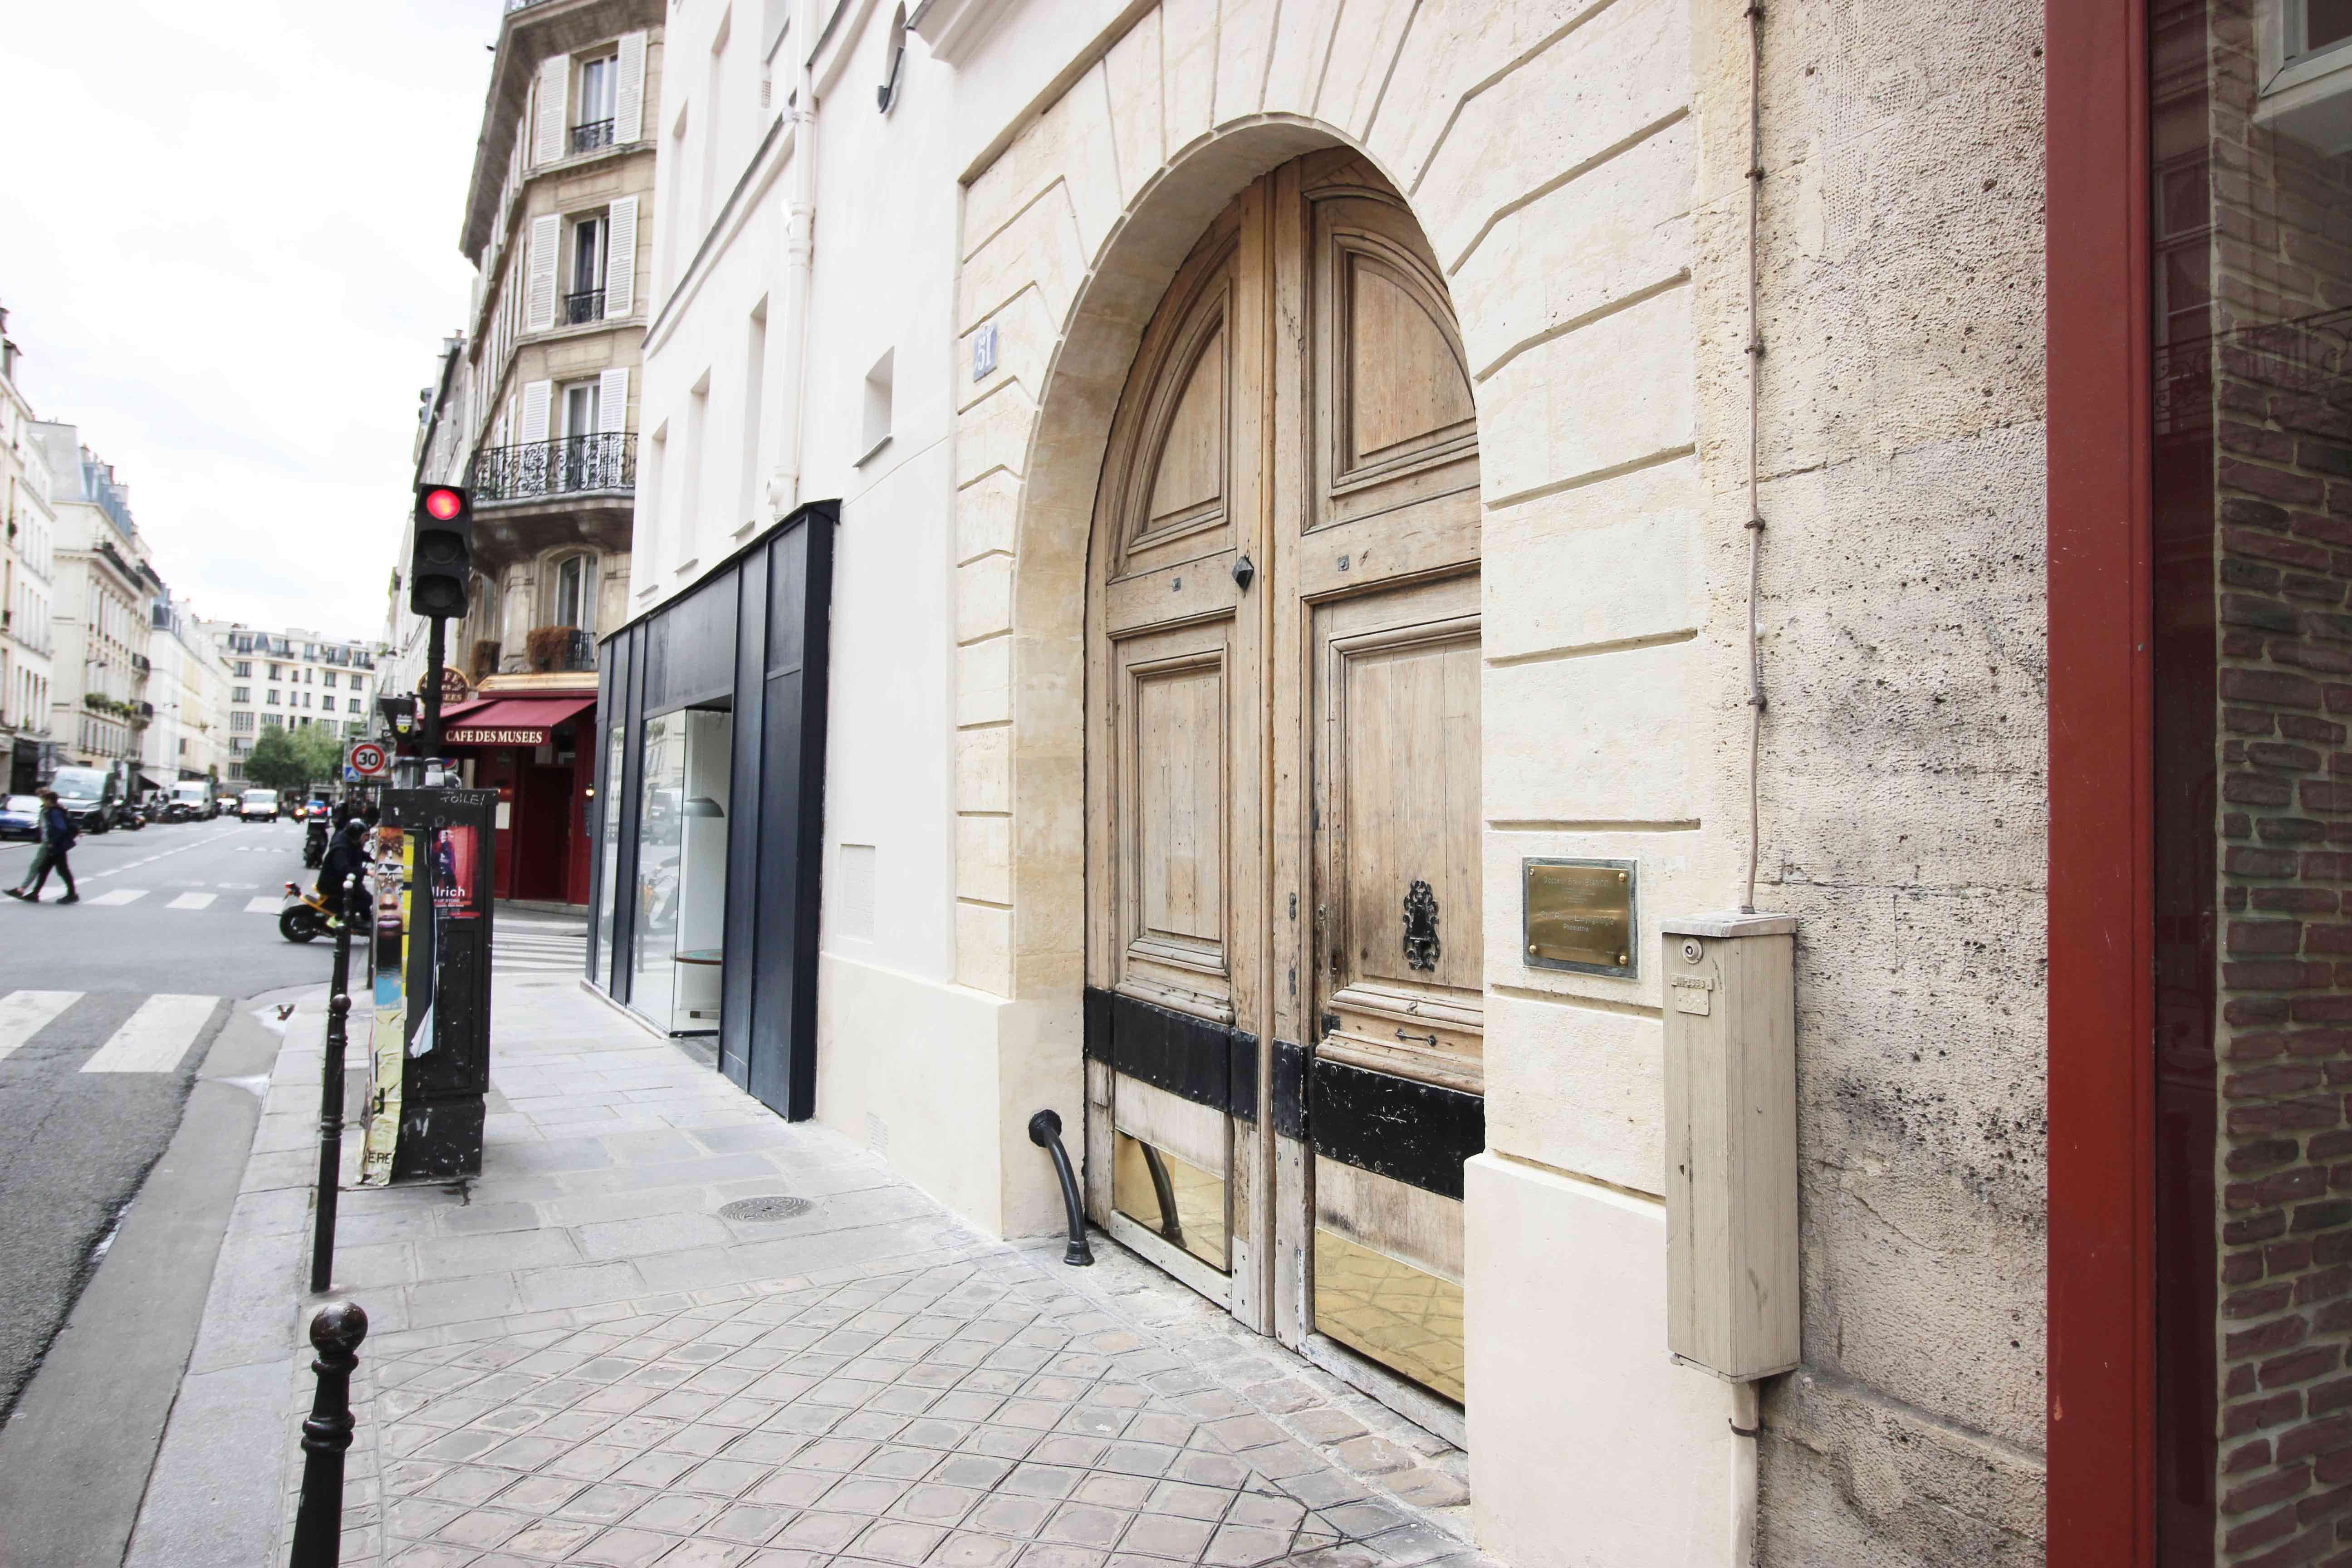 49, rue de Tournelles